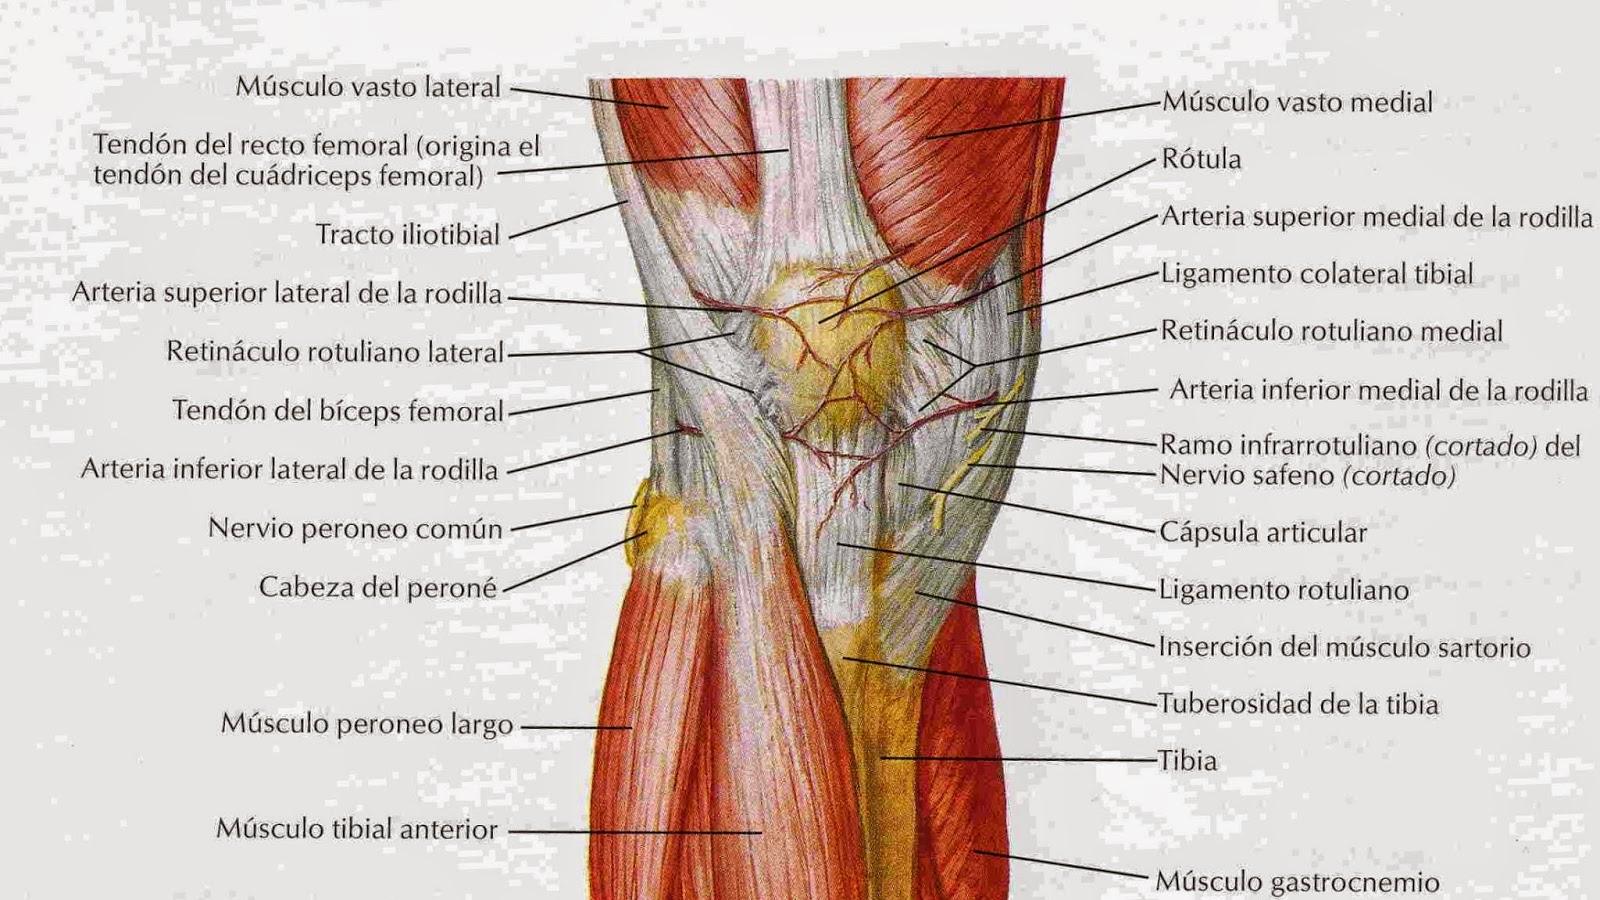 anatomíacaderayrodilla: 2014